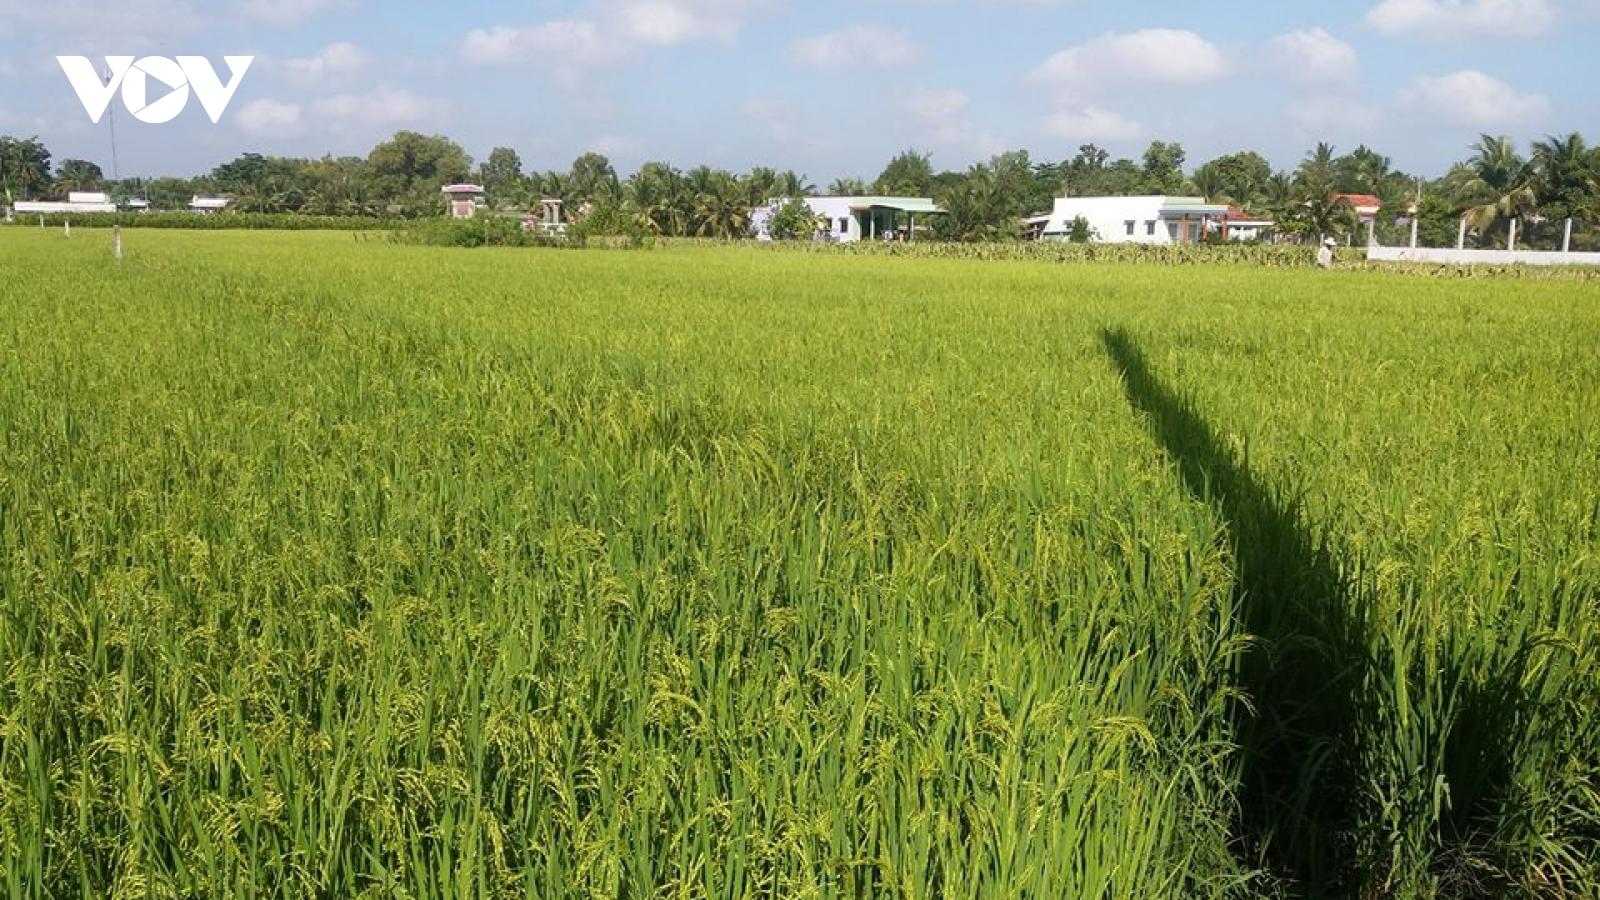 Mô hình sản xuất lúa ứng dụng công nghệ cao mang lại lợi nhuận mỗi vụ gần 20 triệu đồng/ha